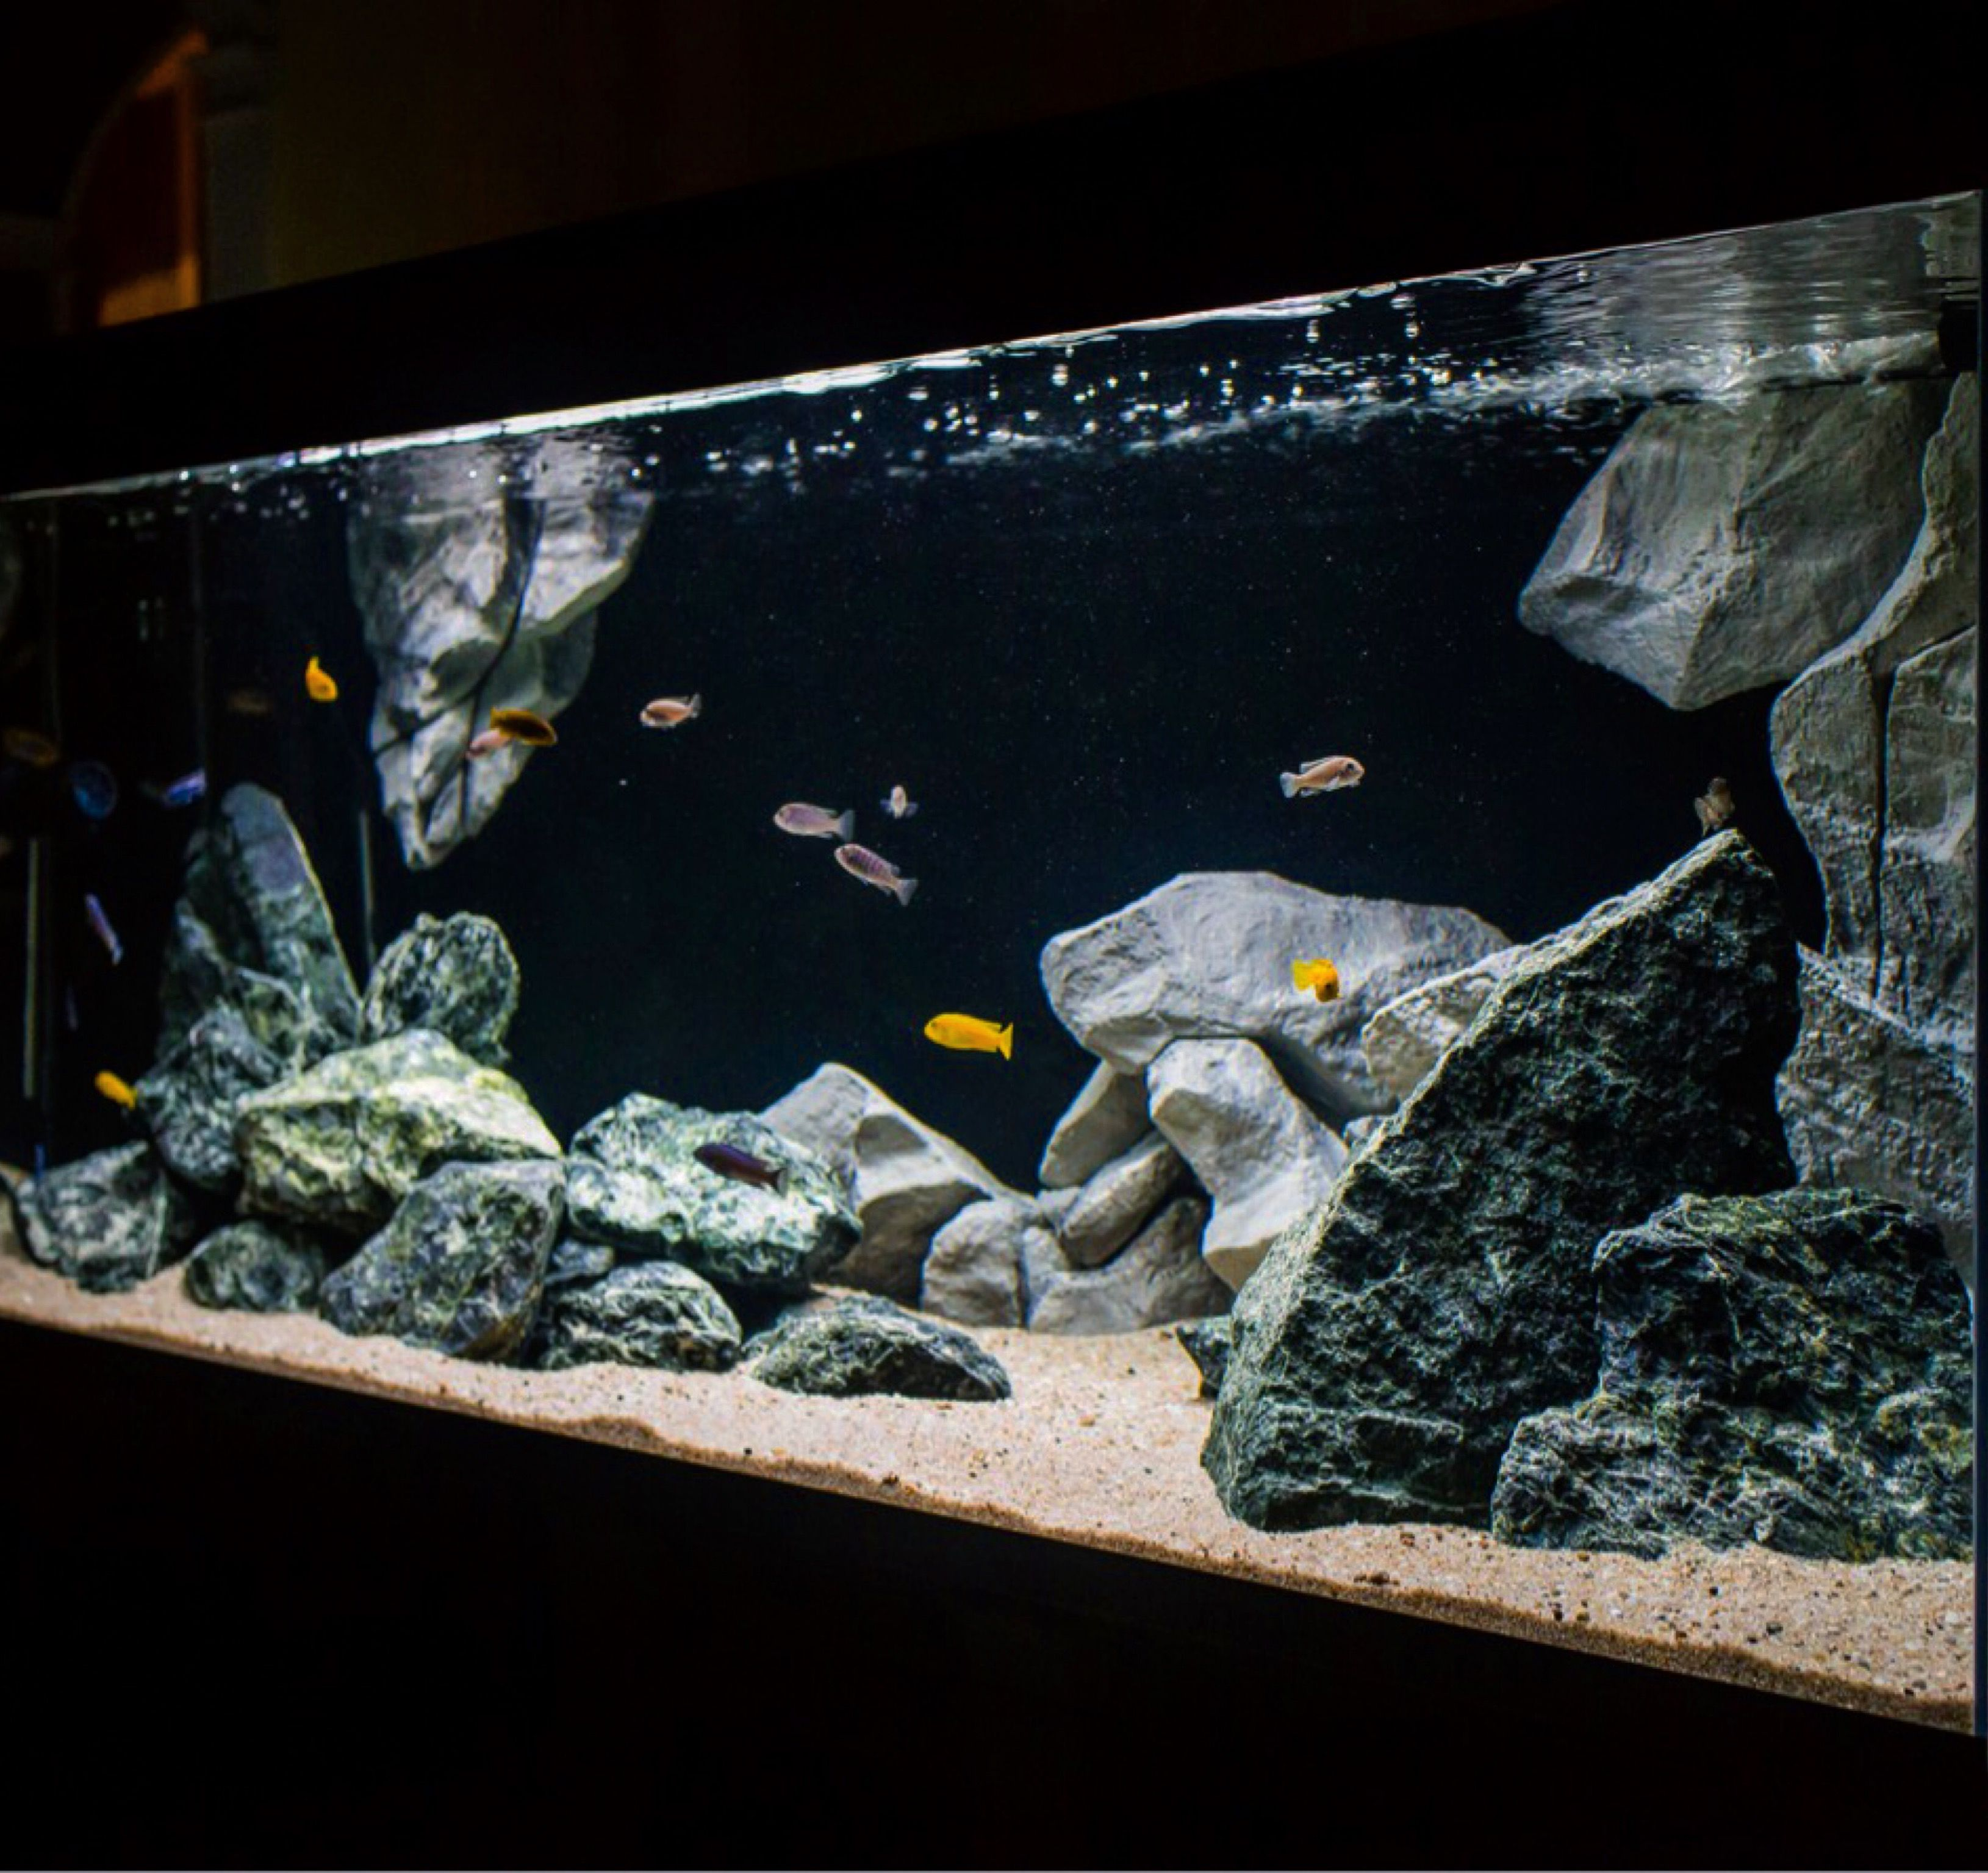 3d Aquarium Backgrounds Fish Tank Decorations Aquadecor Cichlid Aquarium African Cichlid Aquarium Aquarium Backgrounds